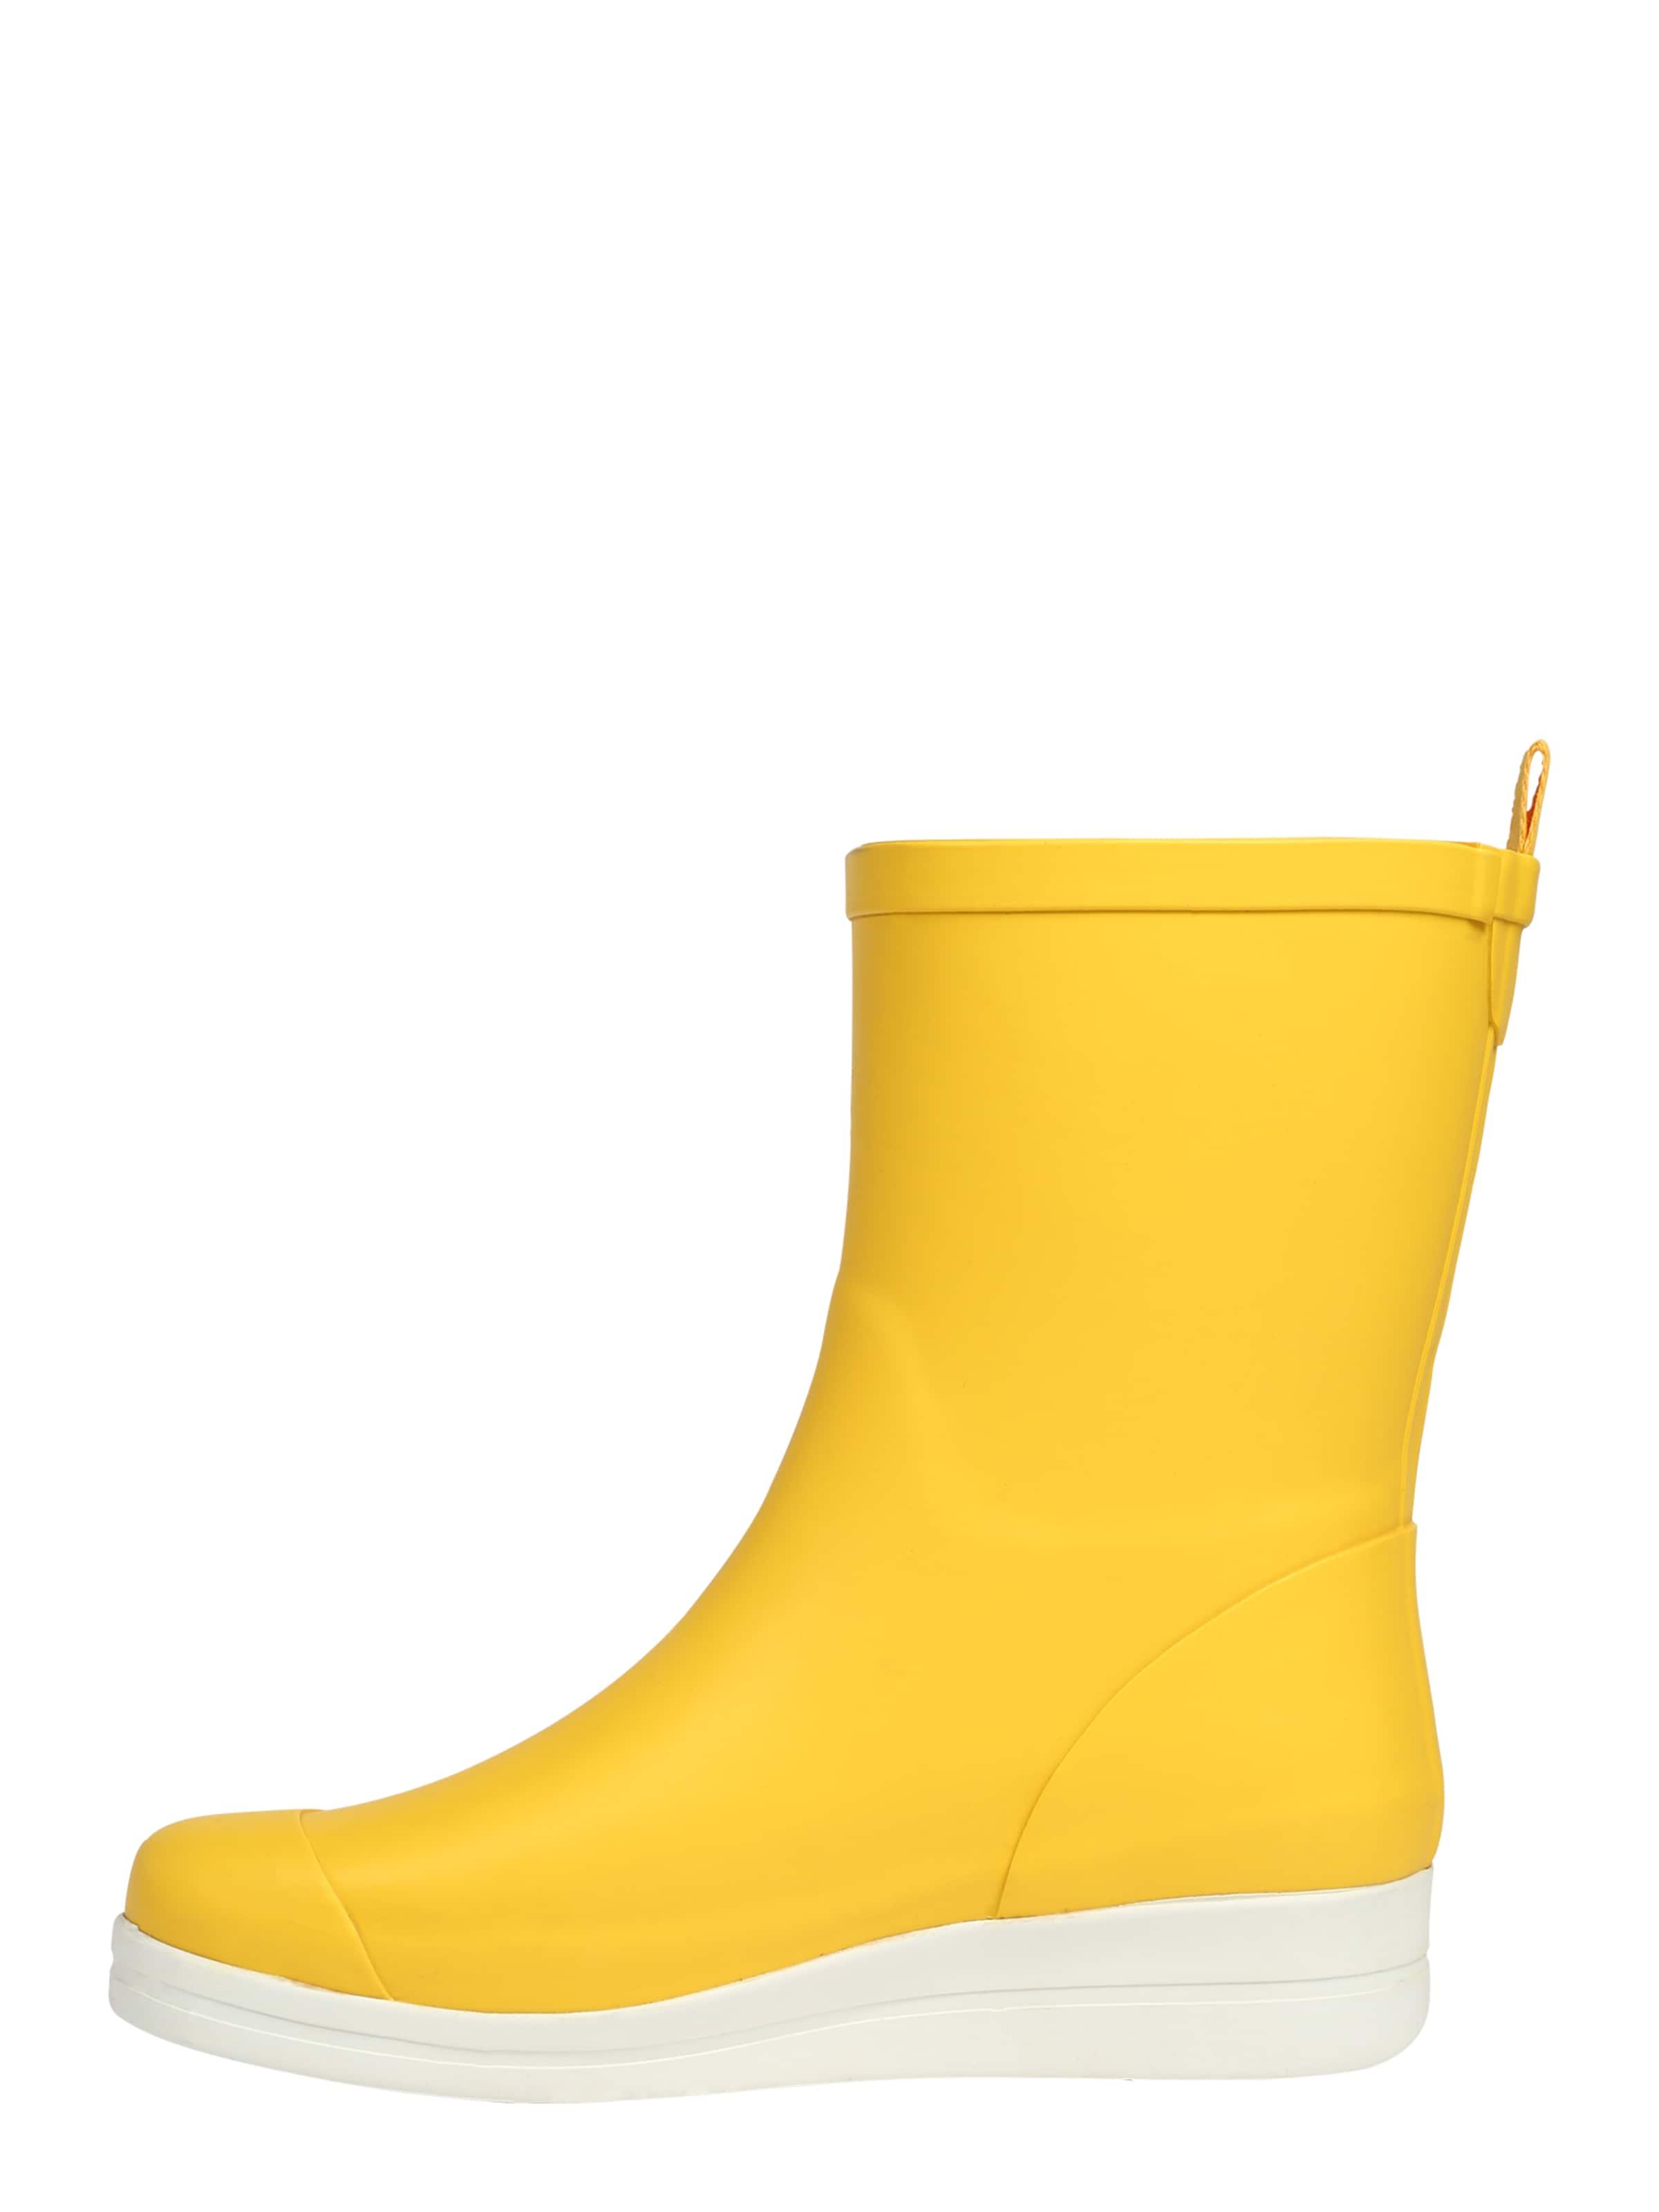 Derbe Gelb Derbe 'shietwedderbotten' In Gummistiefel 8nP0Owk